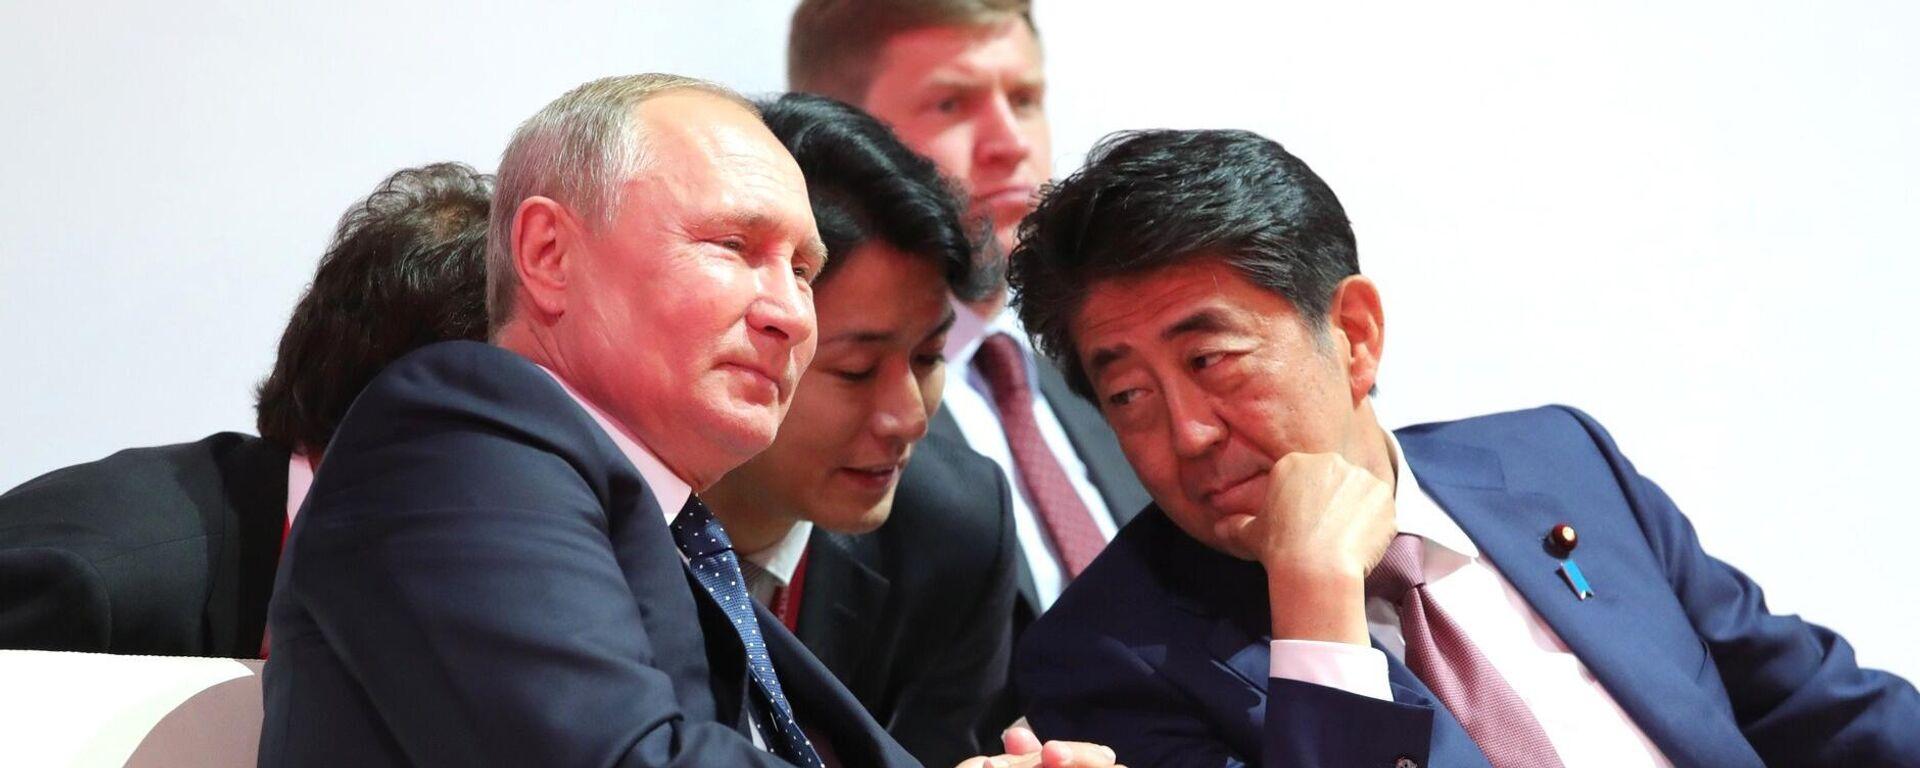 Бывший премьер-министр Японии Синдзо Абэ и президент России Владимир Путин - Sputnik Таджикистан, 1920, 08.07.2021